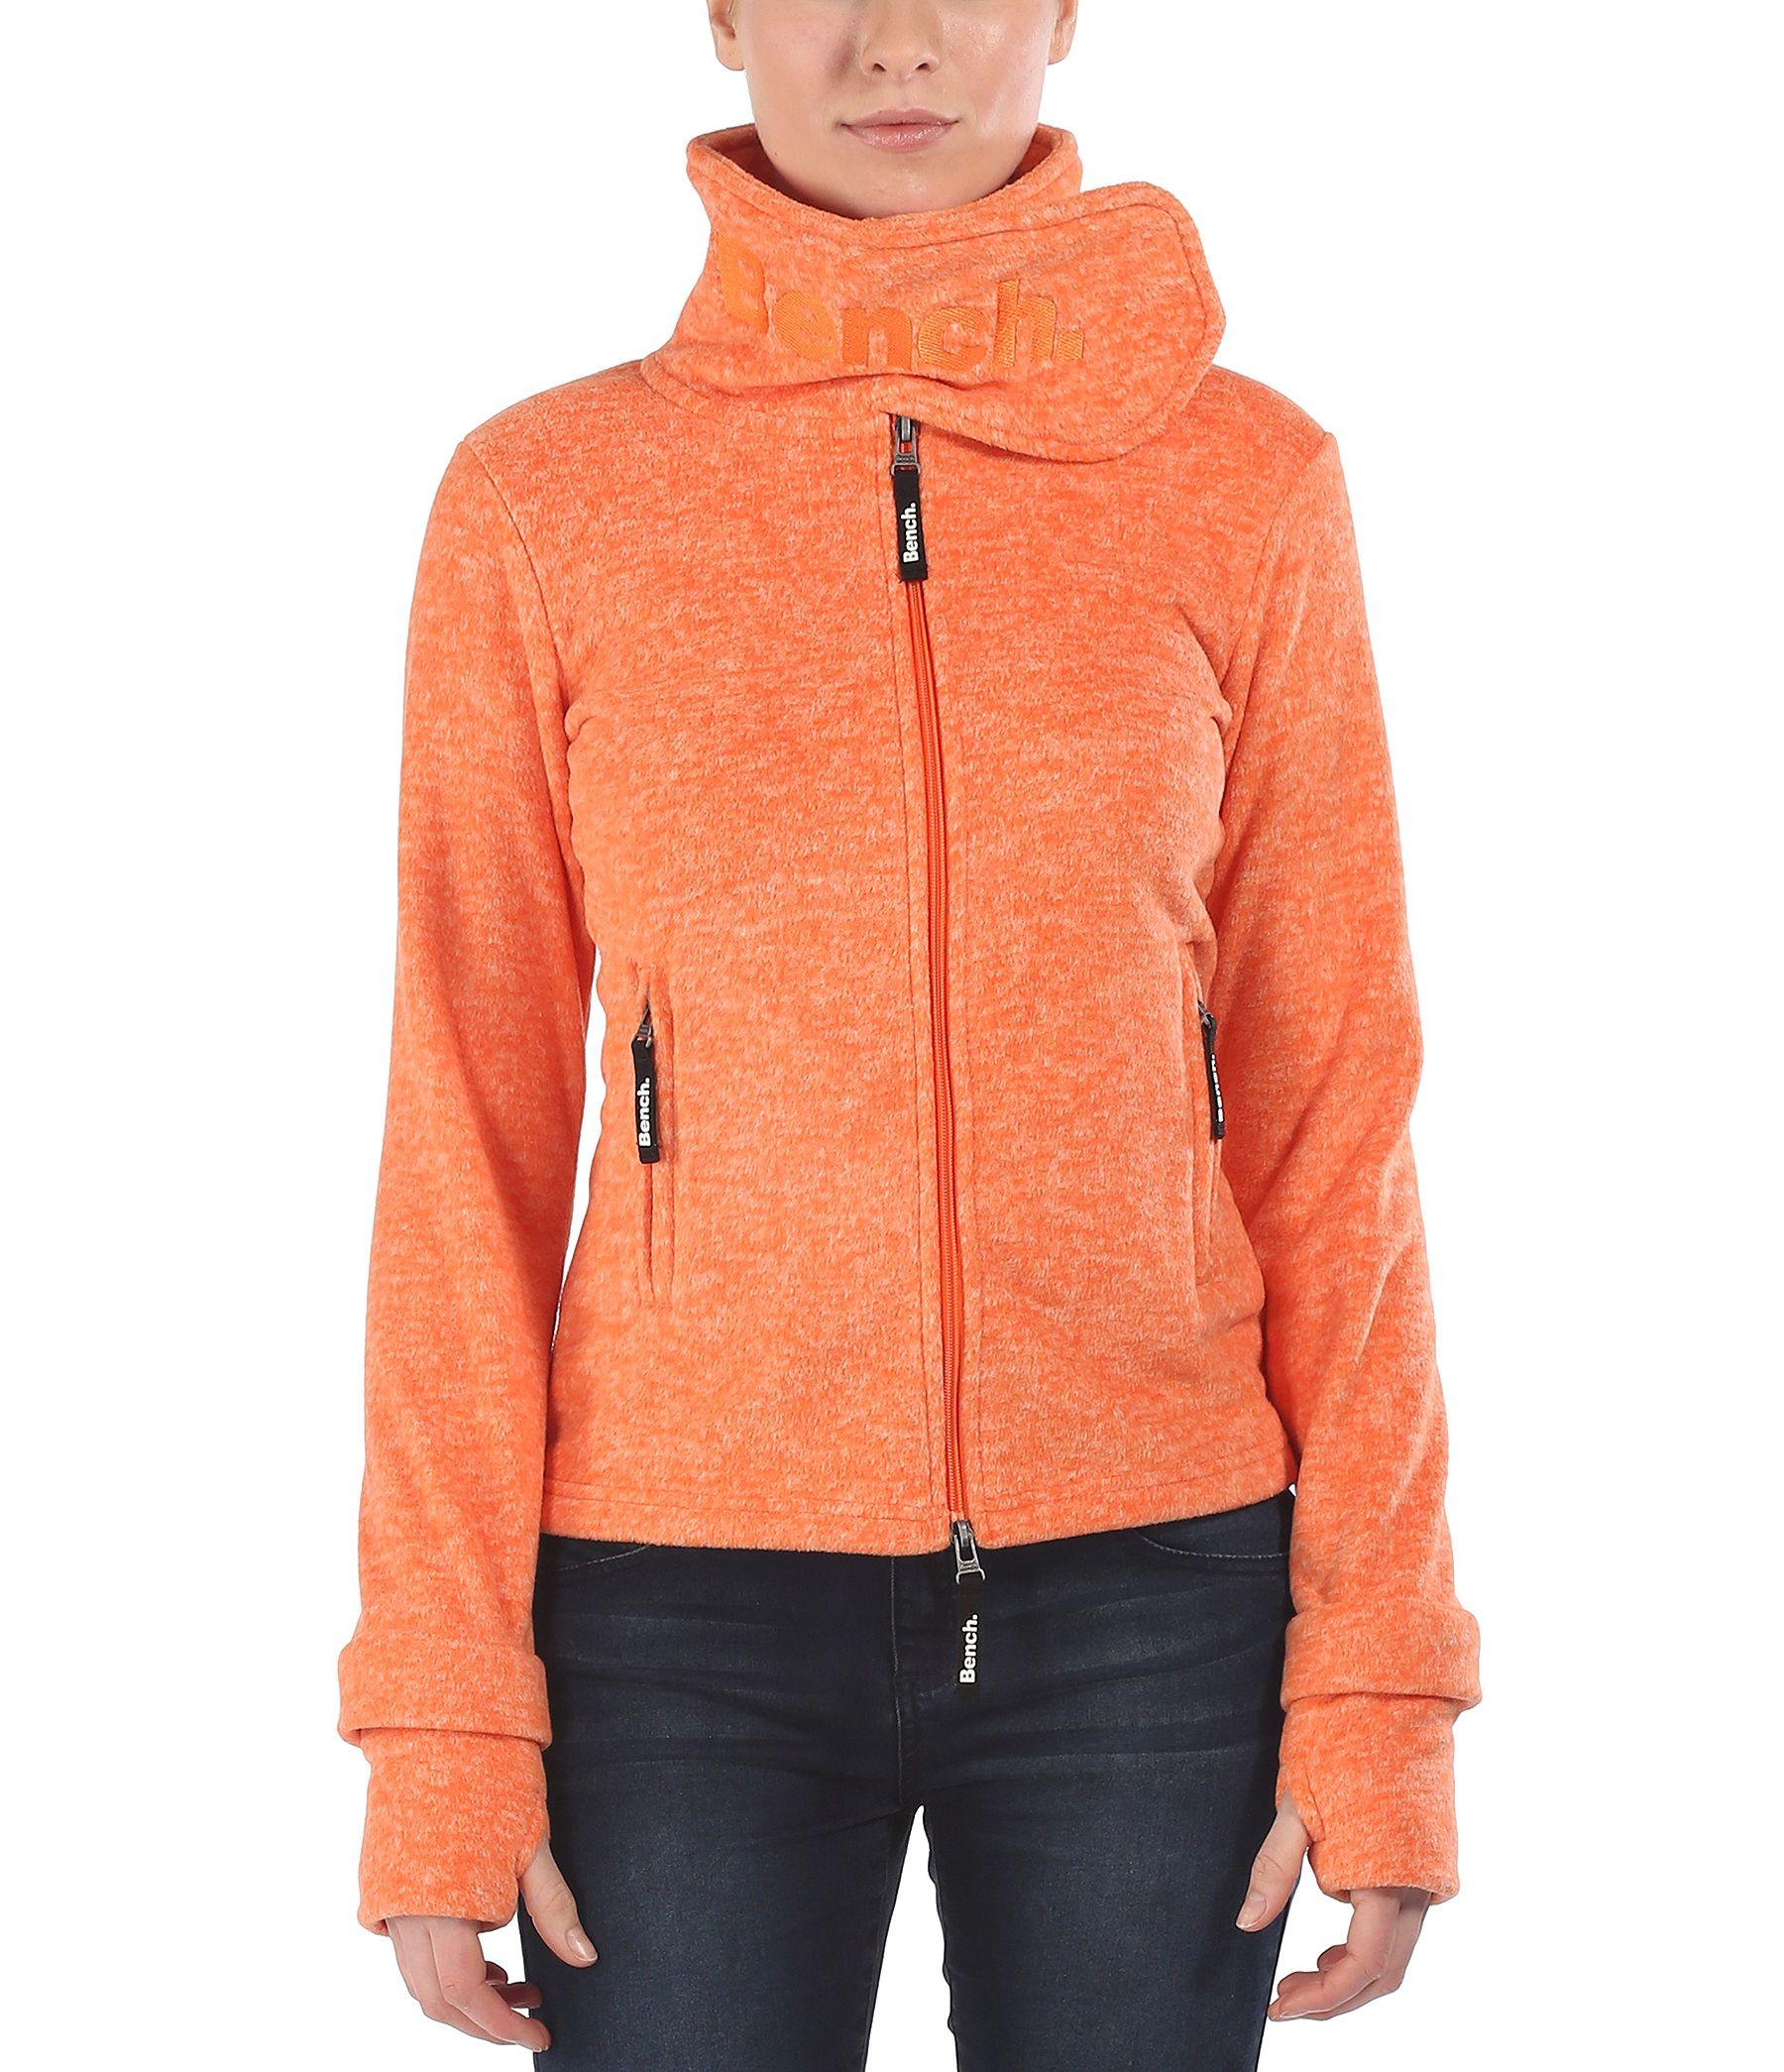 Bench Funnel H Zip Up Fleece Top in Orange